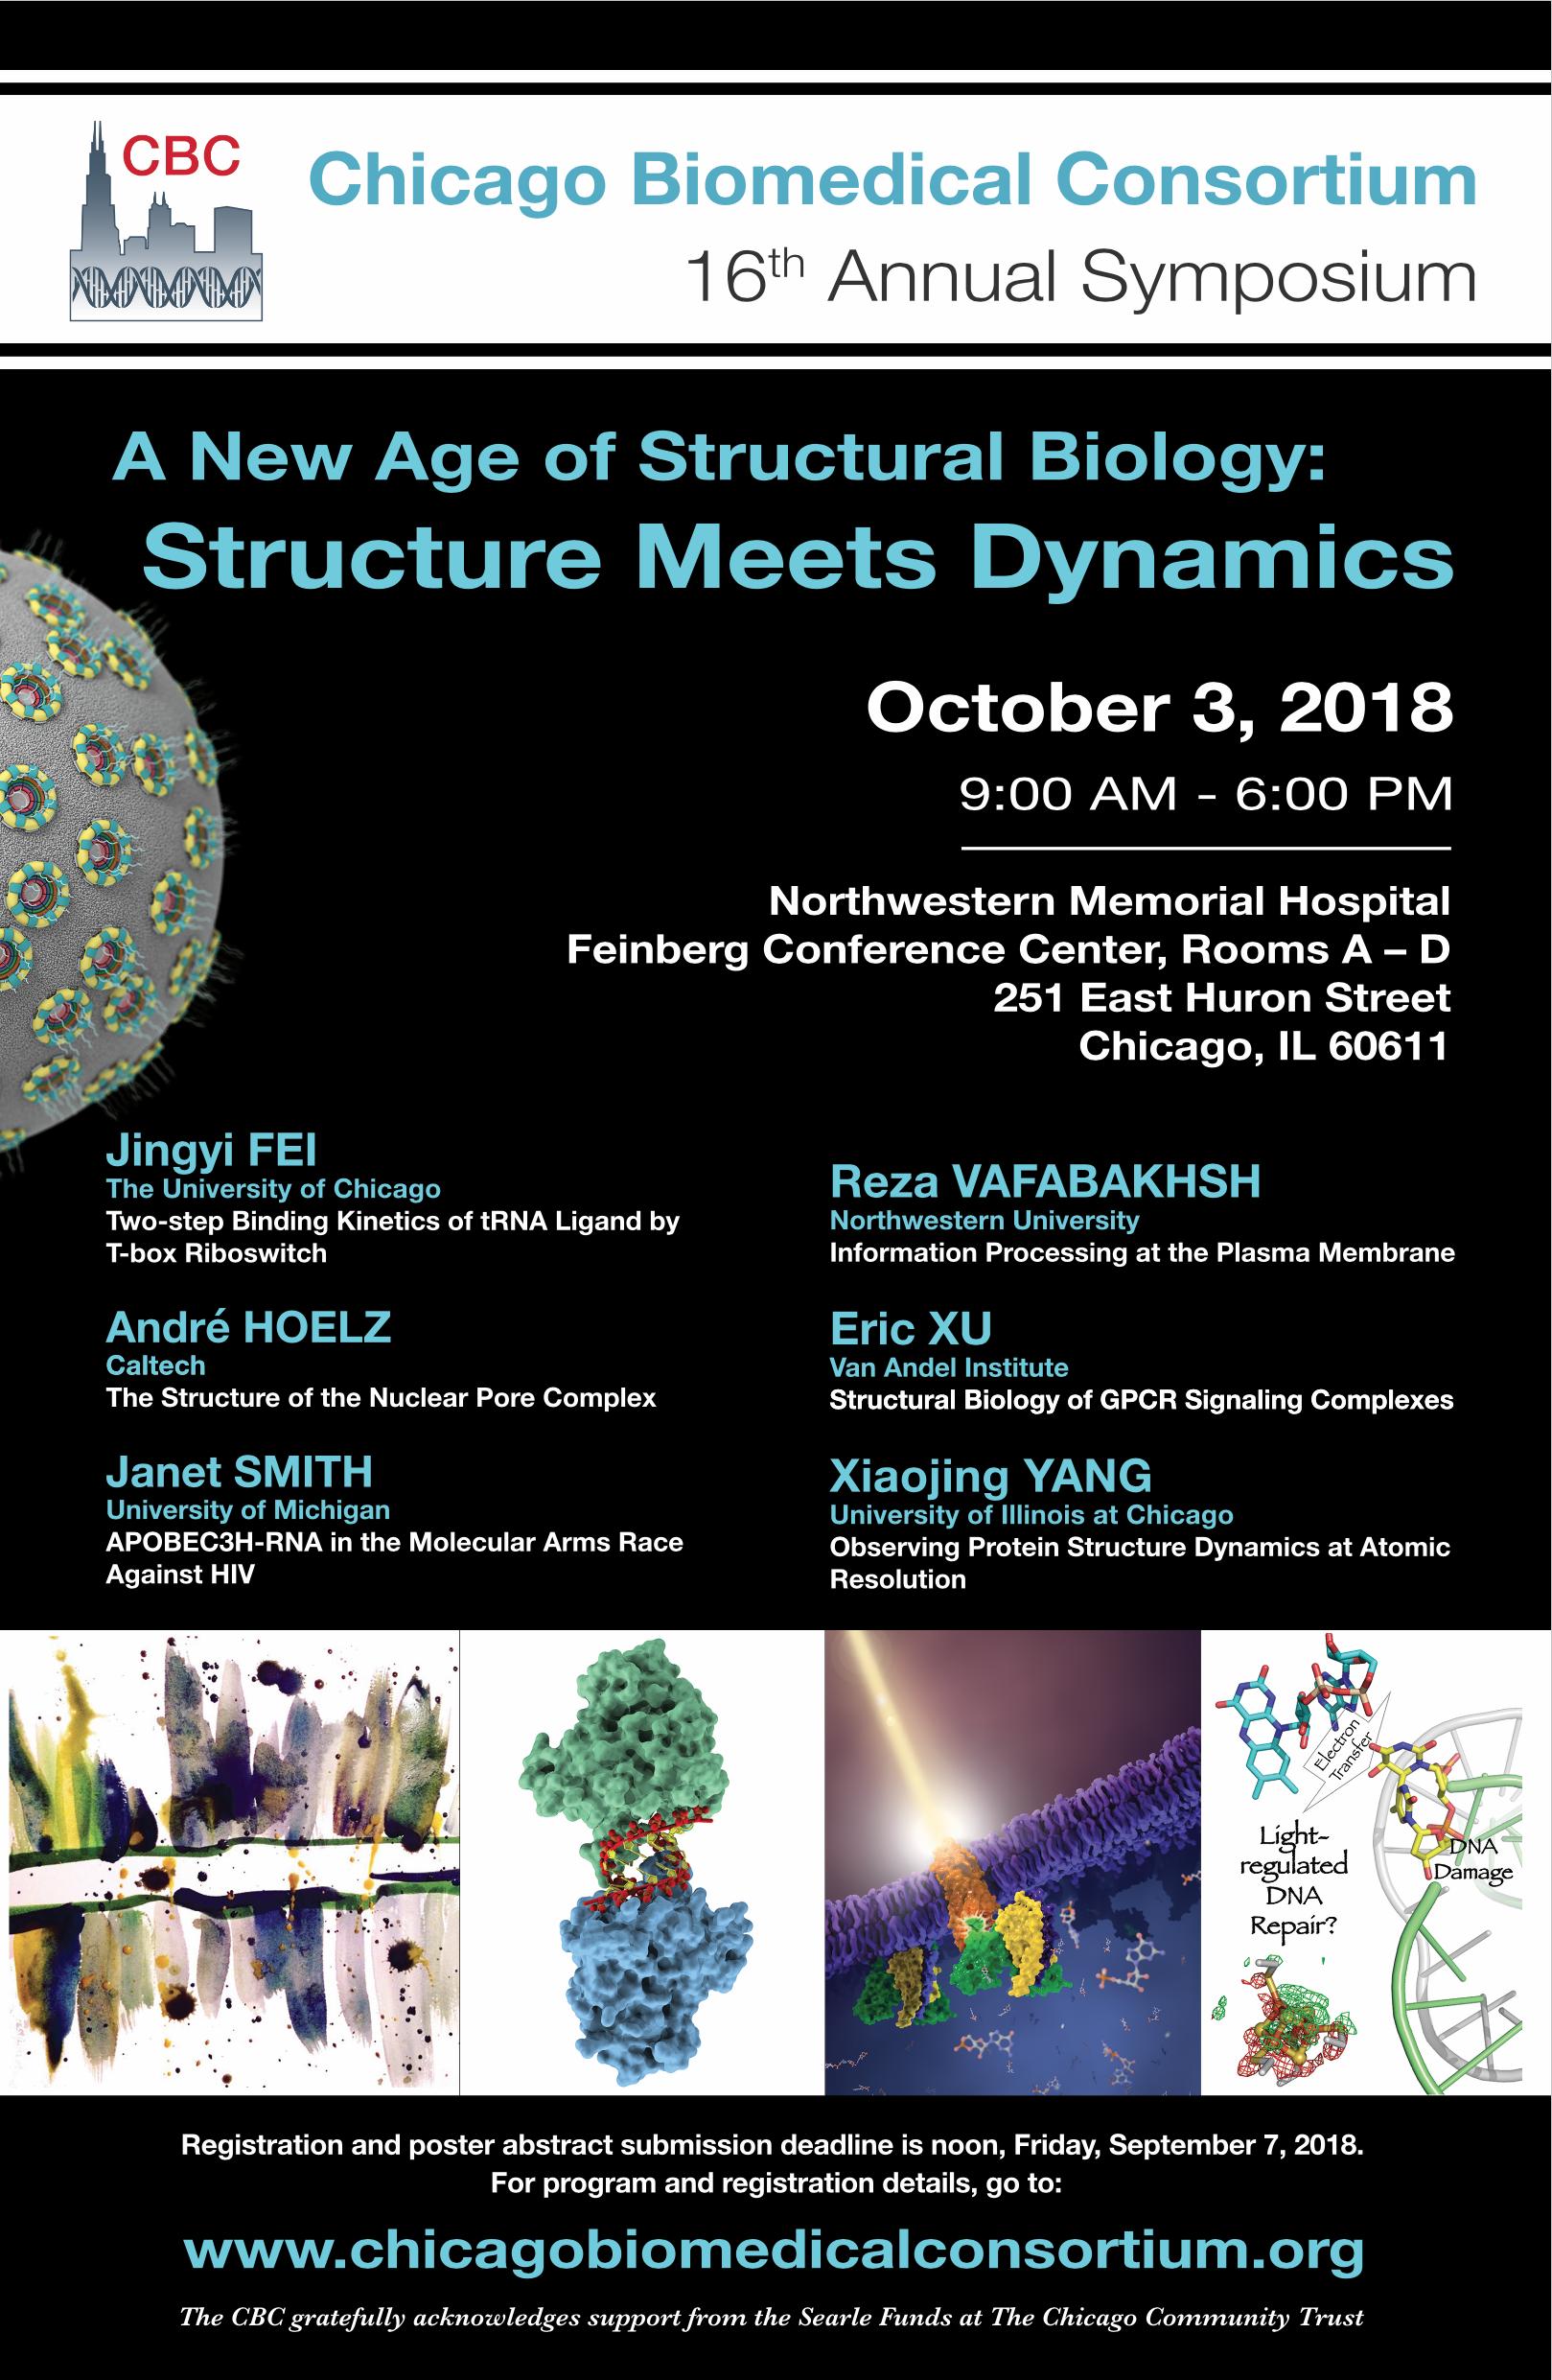 Symposium 2018 – Chicago Biomedical Consortium (CBC)